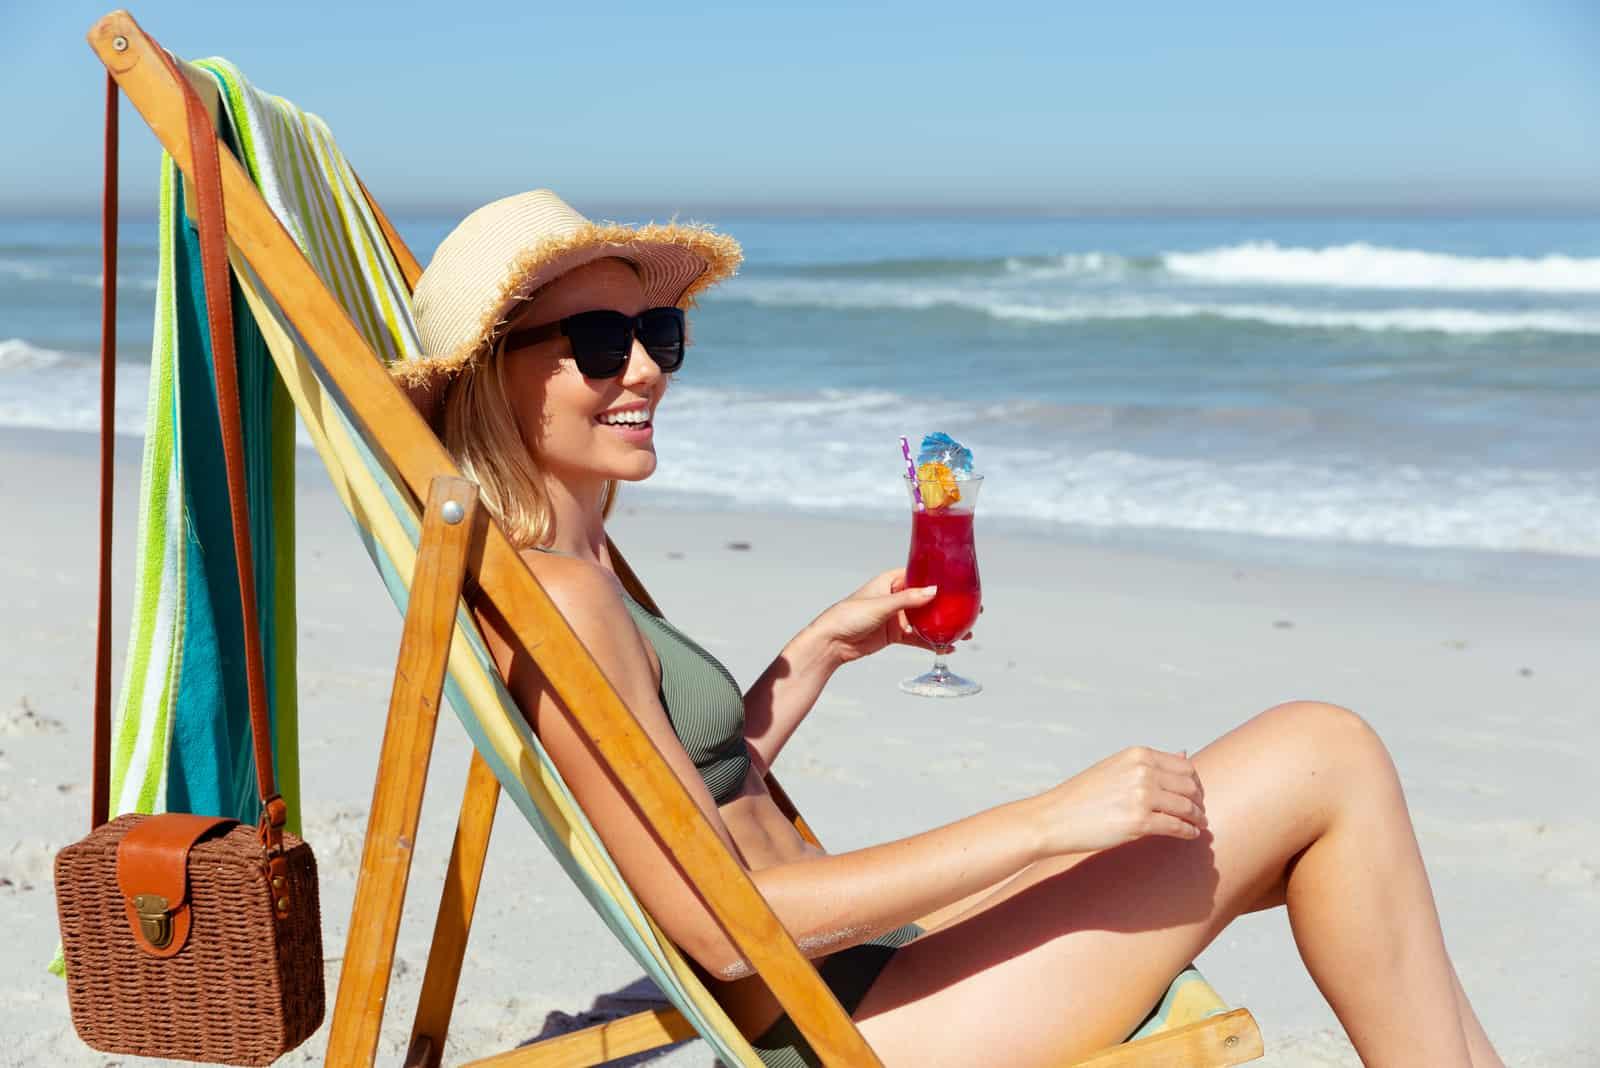 une femme souriante se trouve sur la plage et les bains de soleil